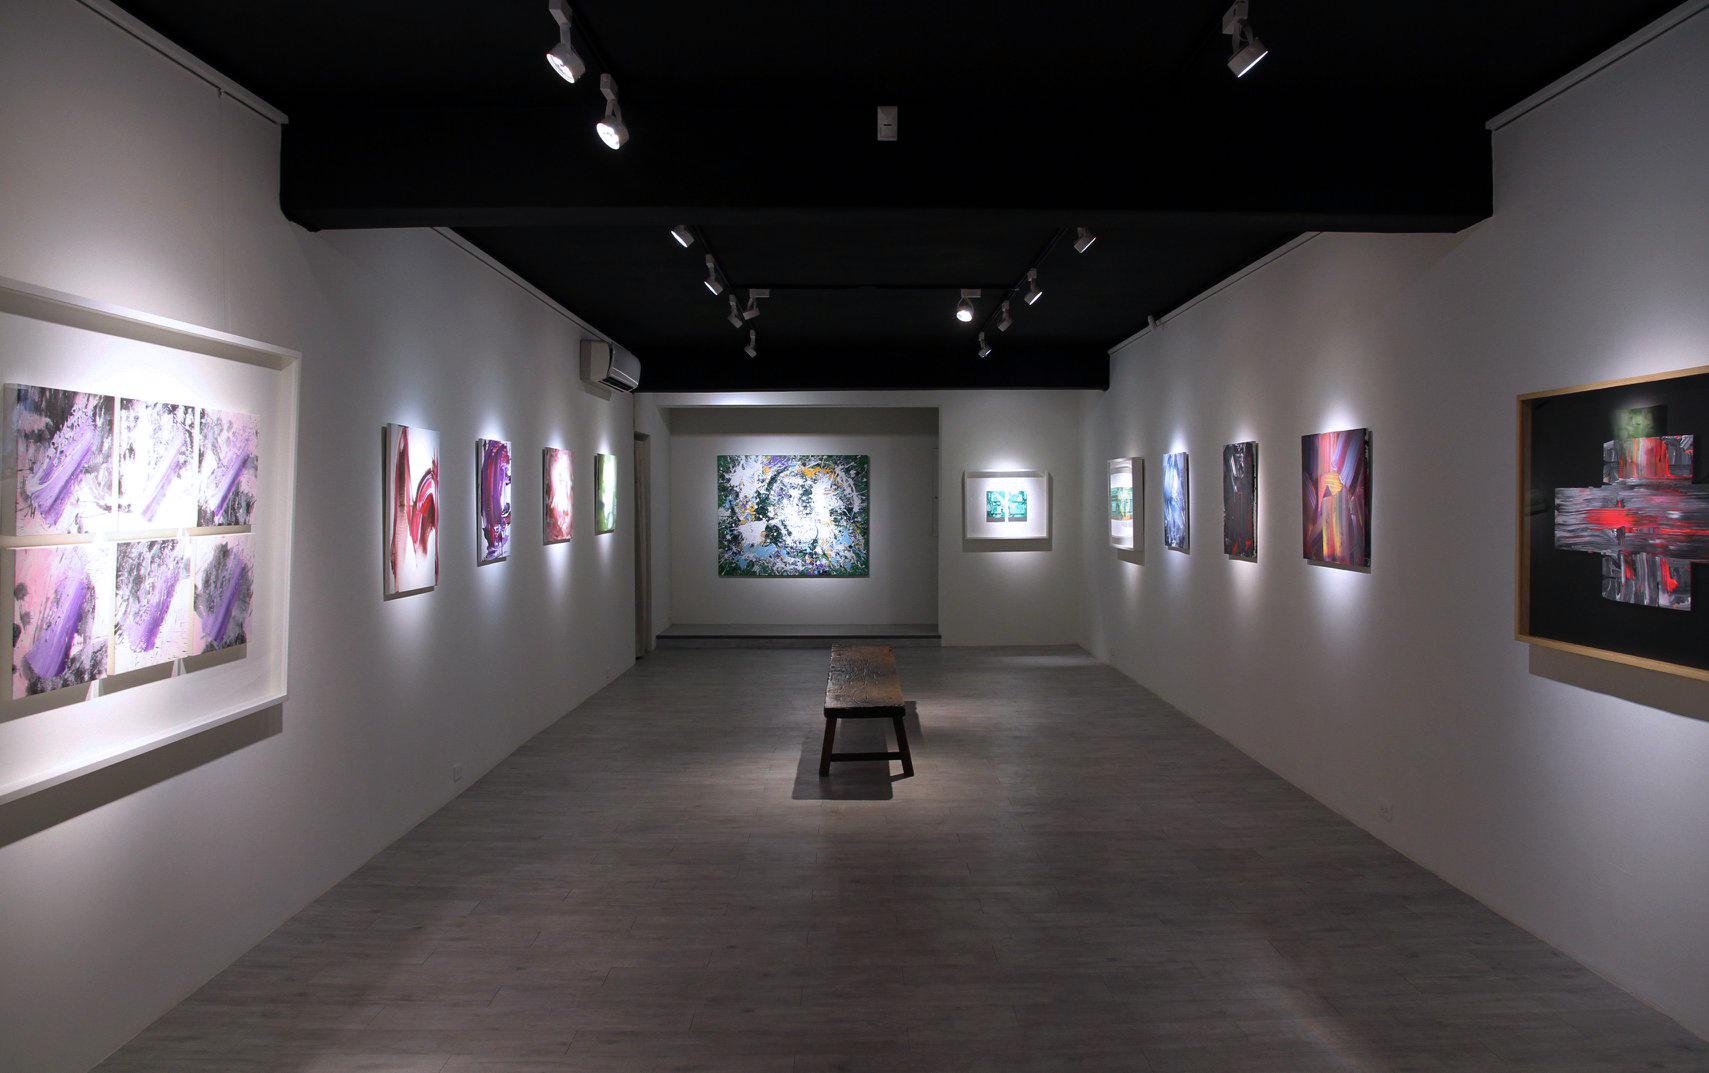 2018黃圻文靈性飛翔個展1.jpg